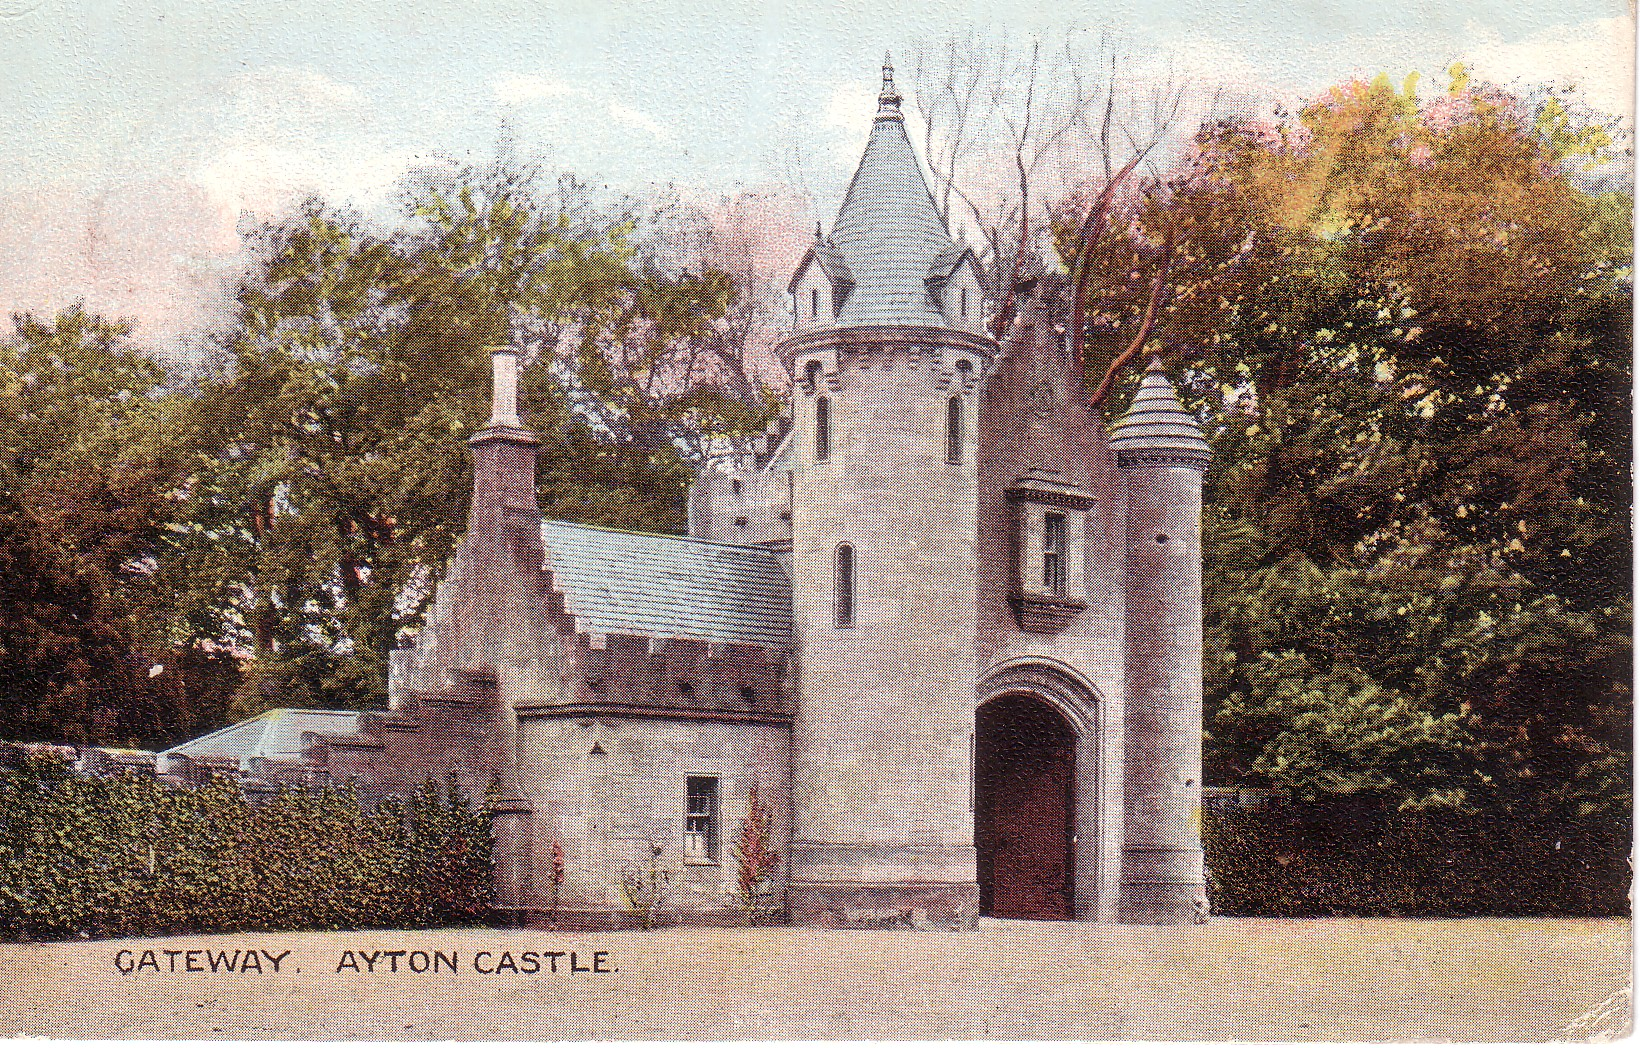 Gateway Ayton Castle